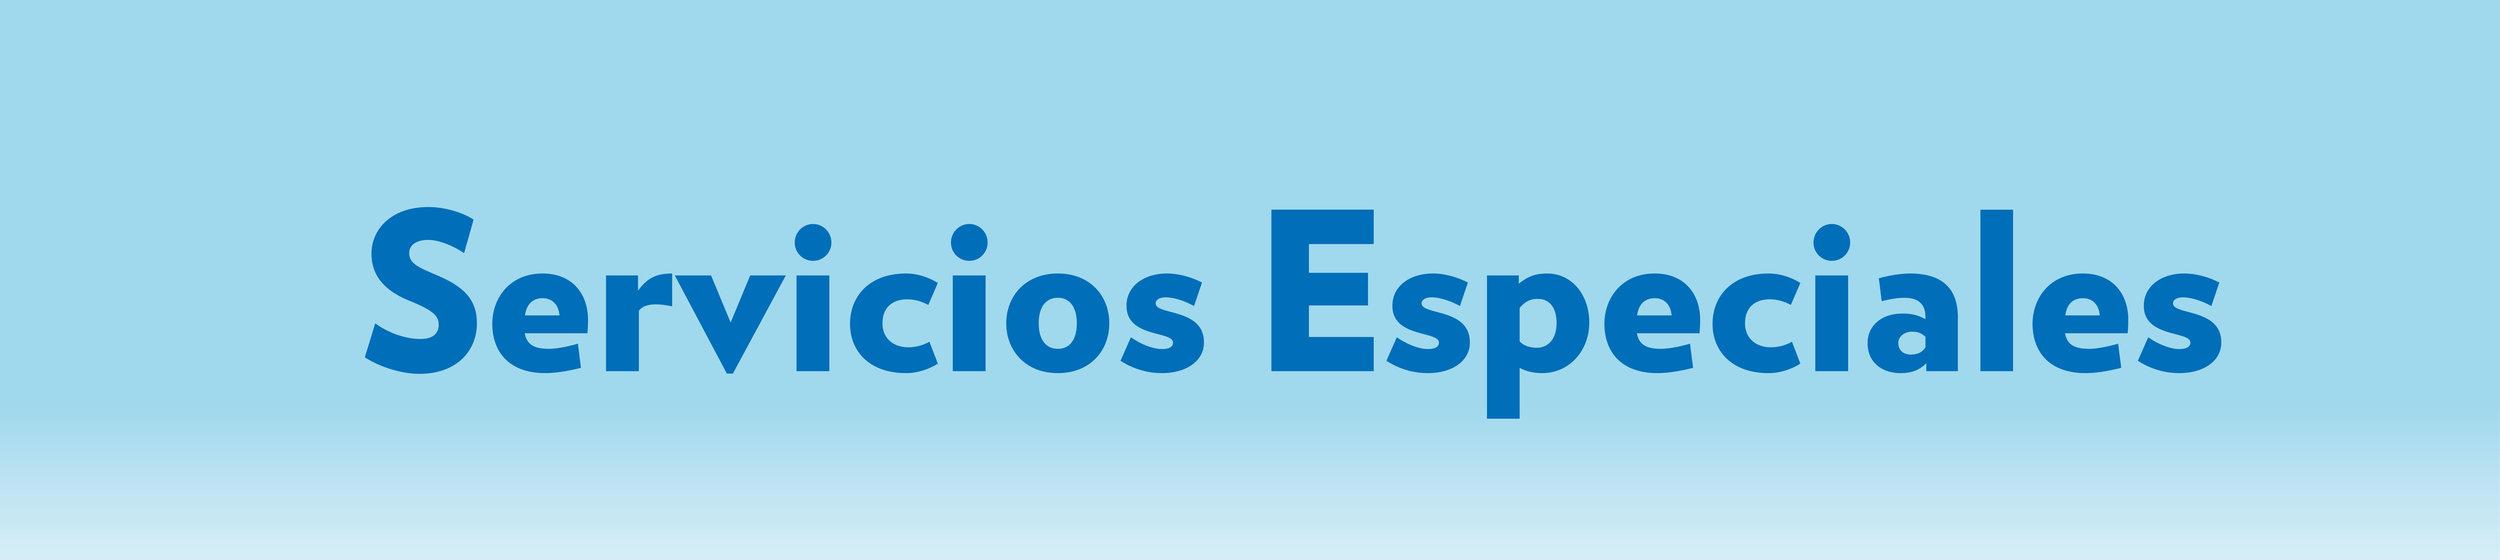 Grupos Especiales-11.jpg